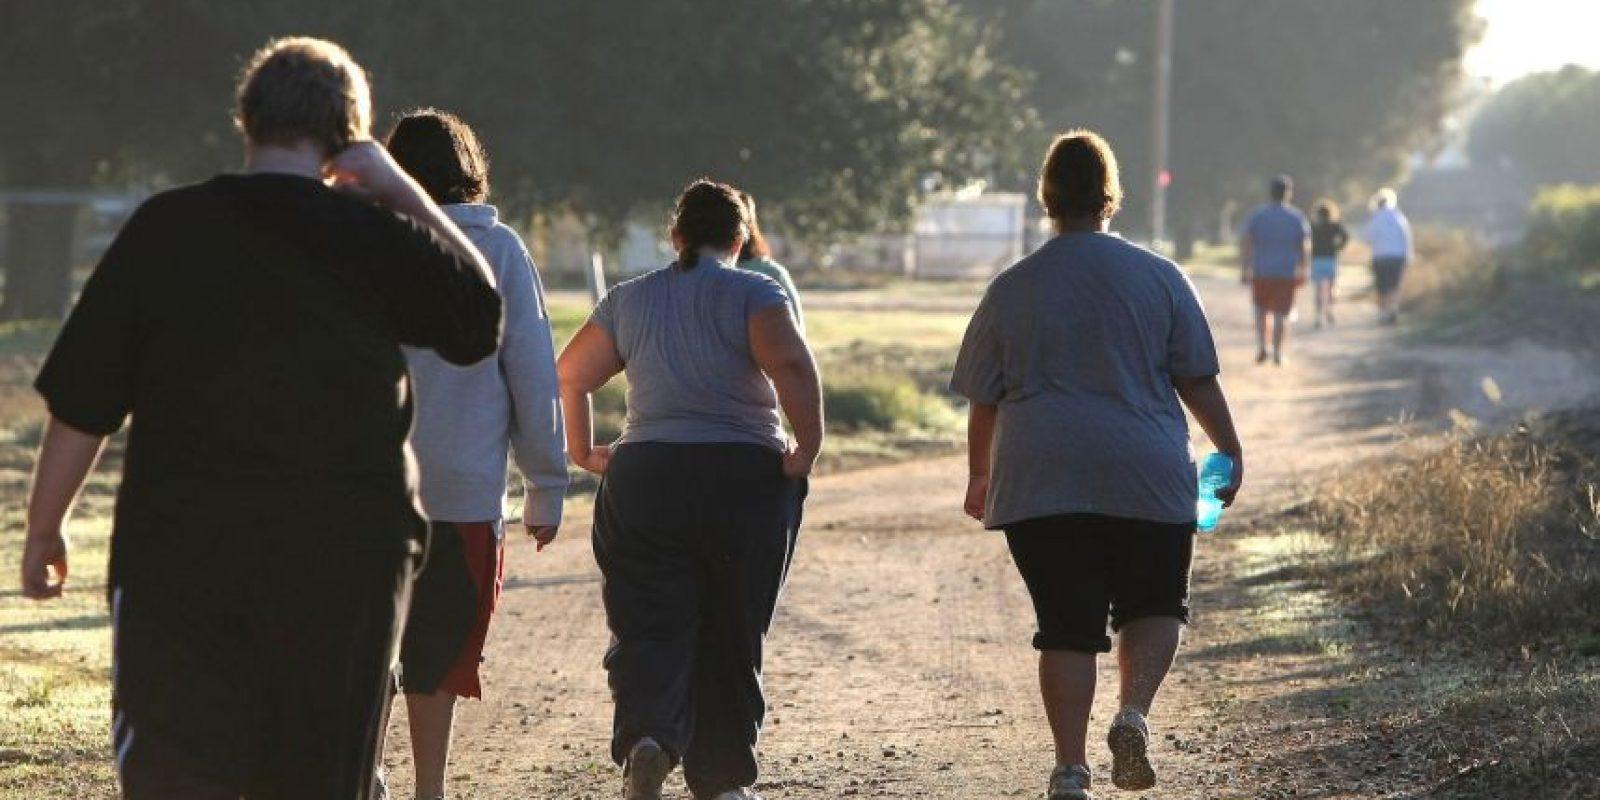 """""""Como consecuencia se ha favorecido la epidemia de sobrepeso y obesidad actual"""", compartió Hei Sook Sul, autor principal de la investigación. Foto:Getty Images"""